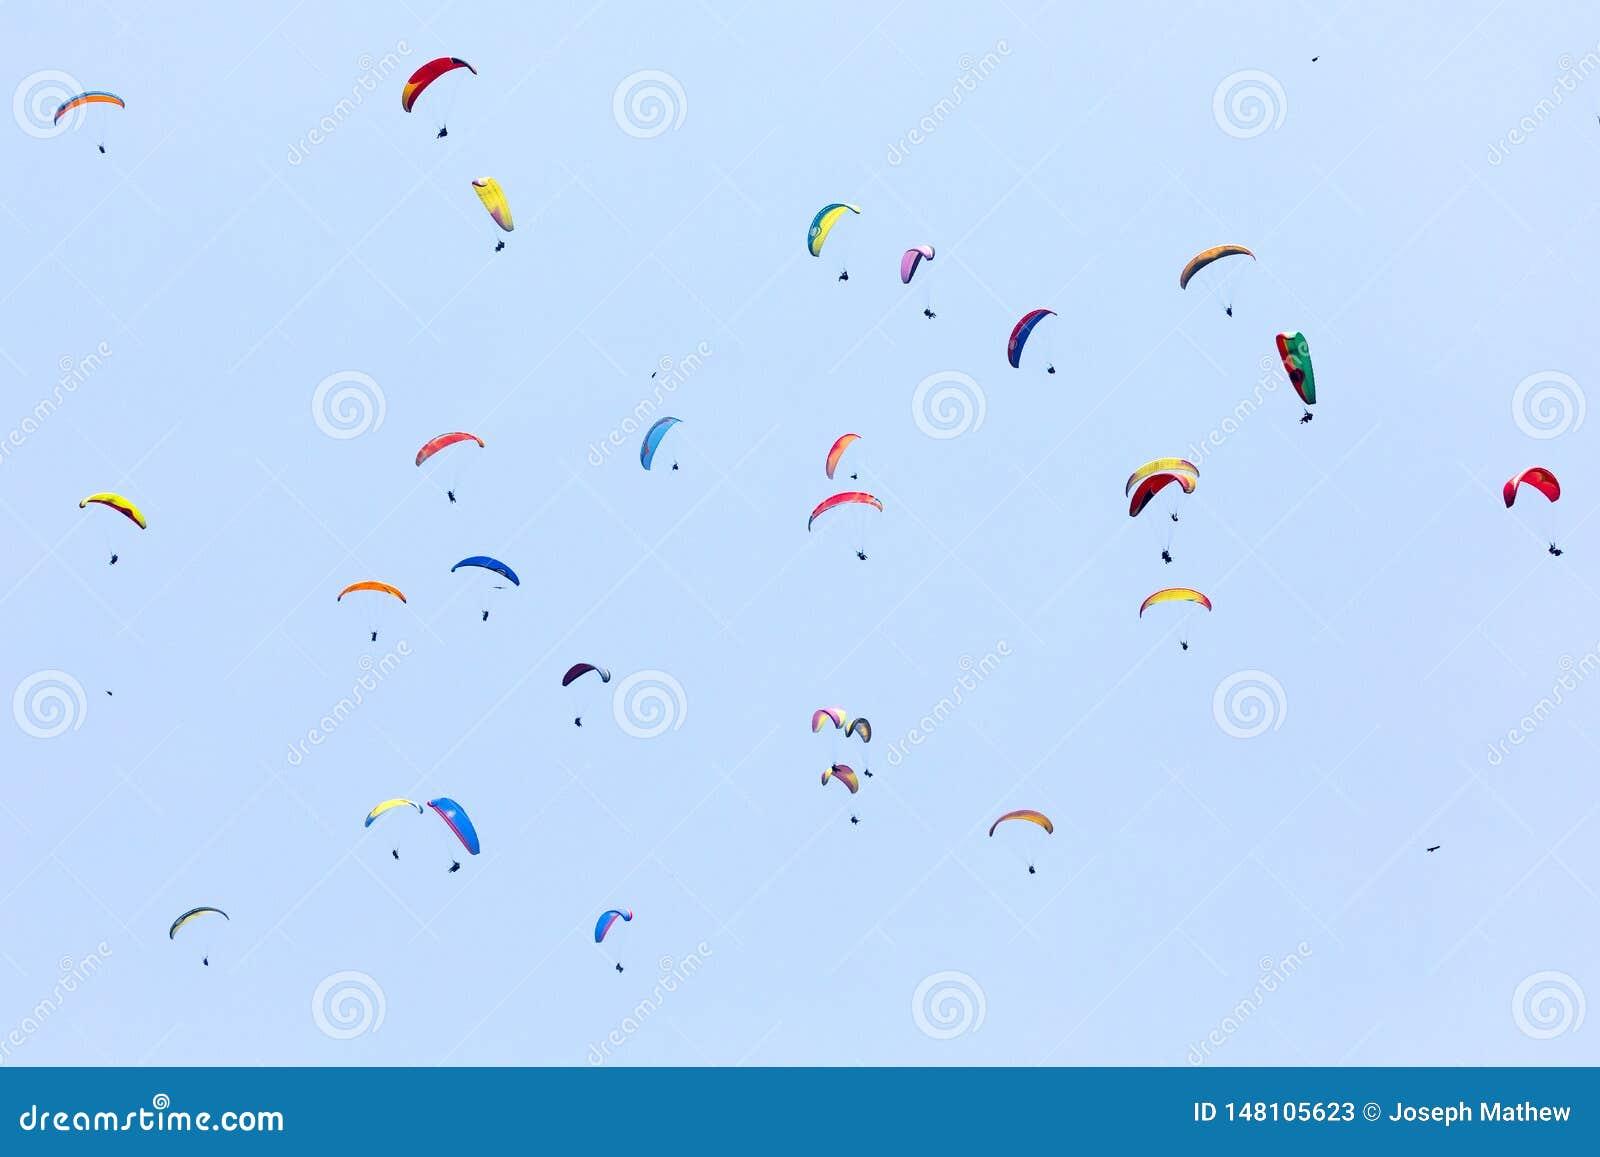 一束反对天空蔚蓝的滑翔伞飞行